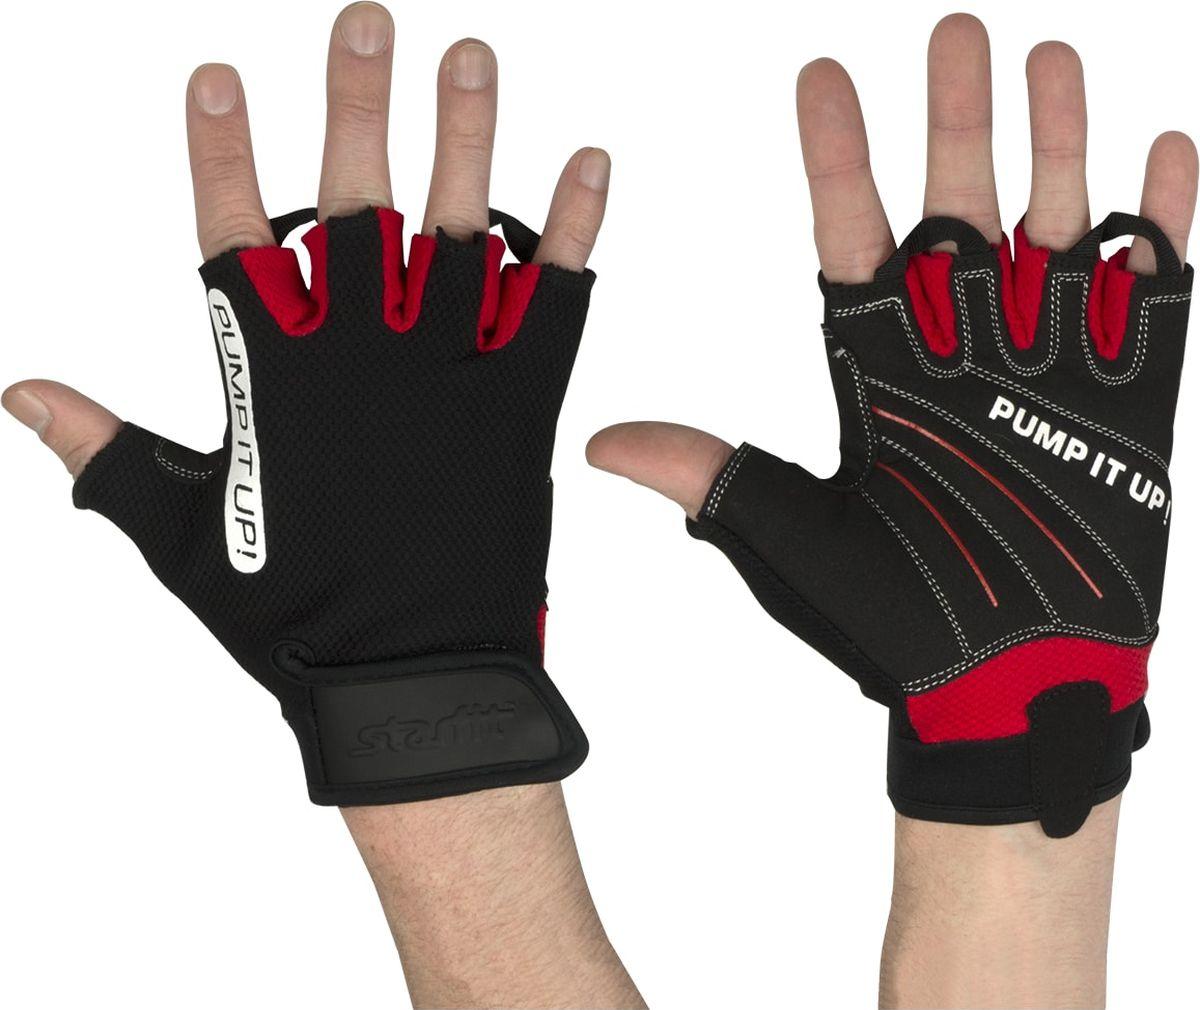 Перчатки для фитнеса Starfit  SU-119 , цвет: черный, красный. Размер XS - Одежда, экипировка